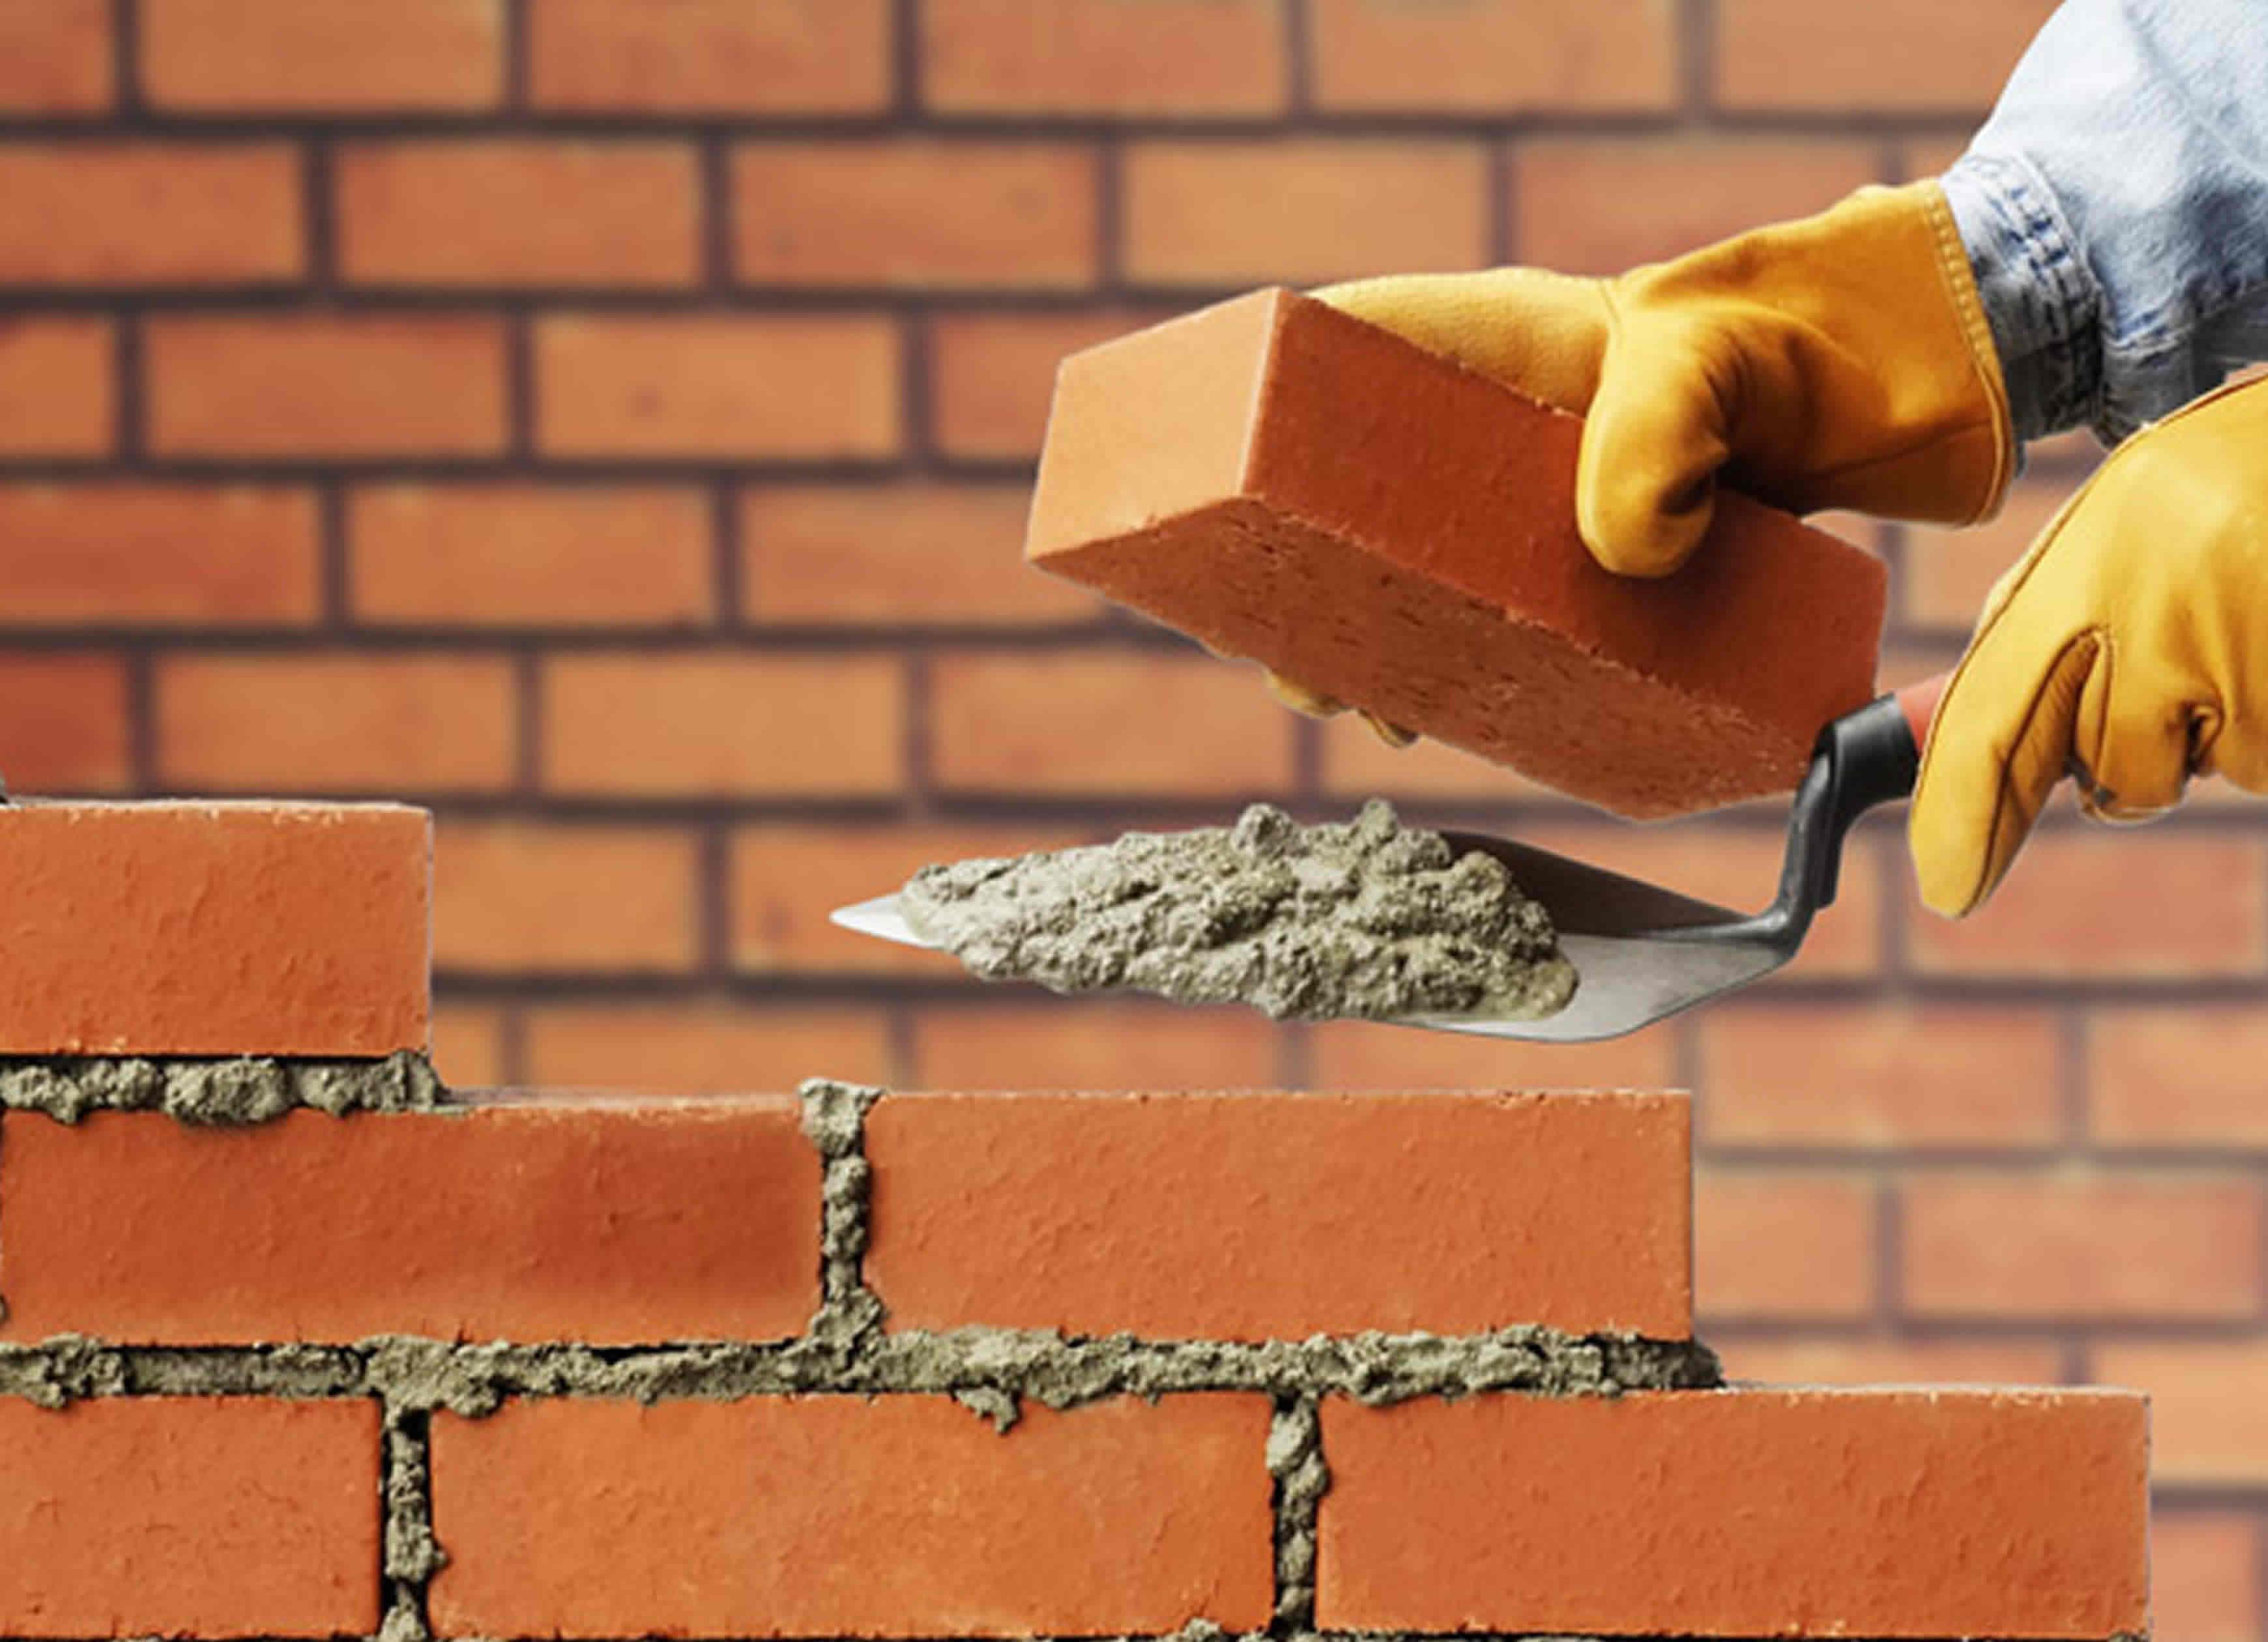 Construcci n y remodelaci n grupo abaco Construir una pileta de ladrillos